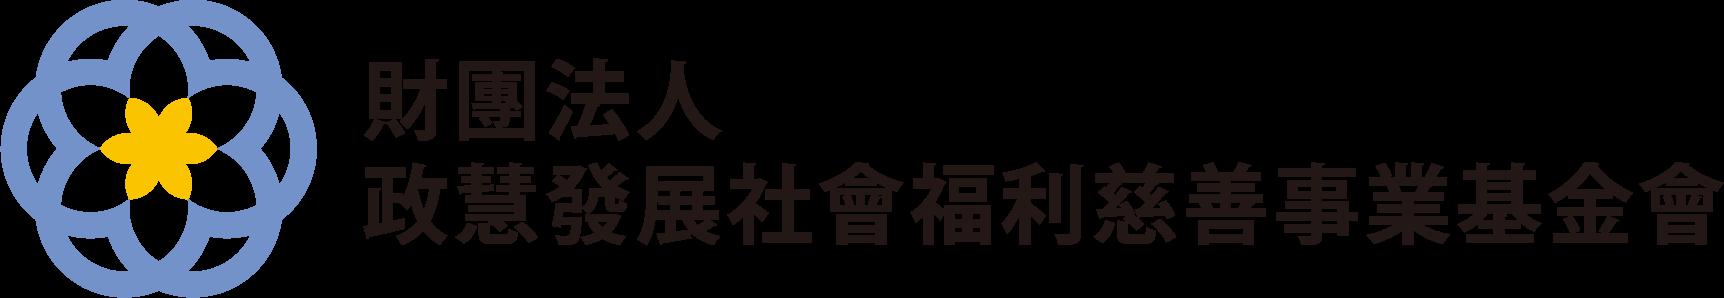 政慧基金會